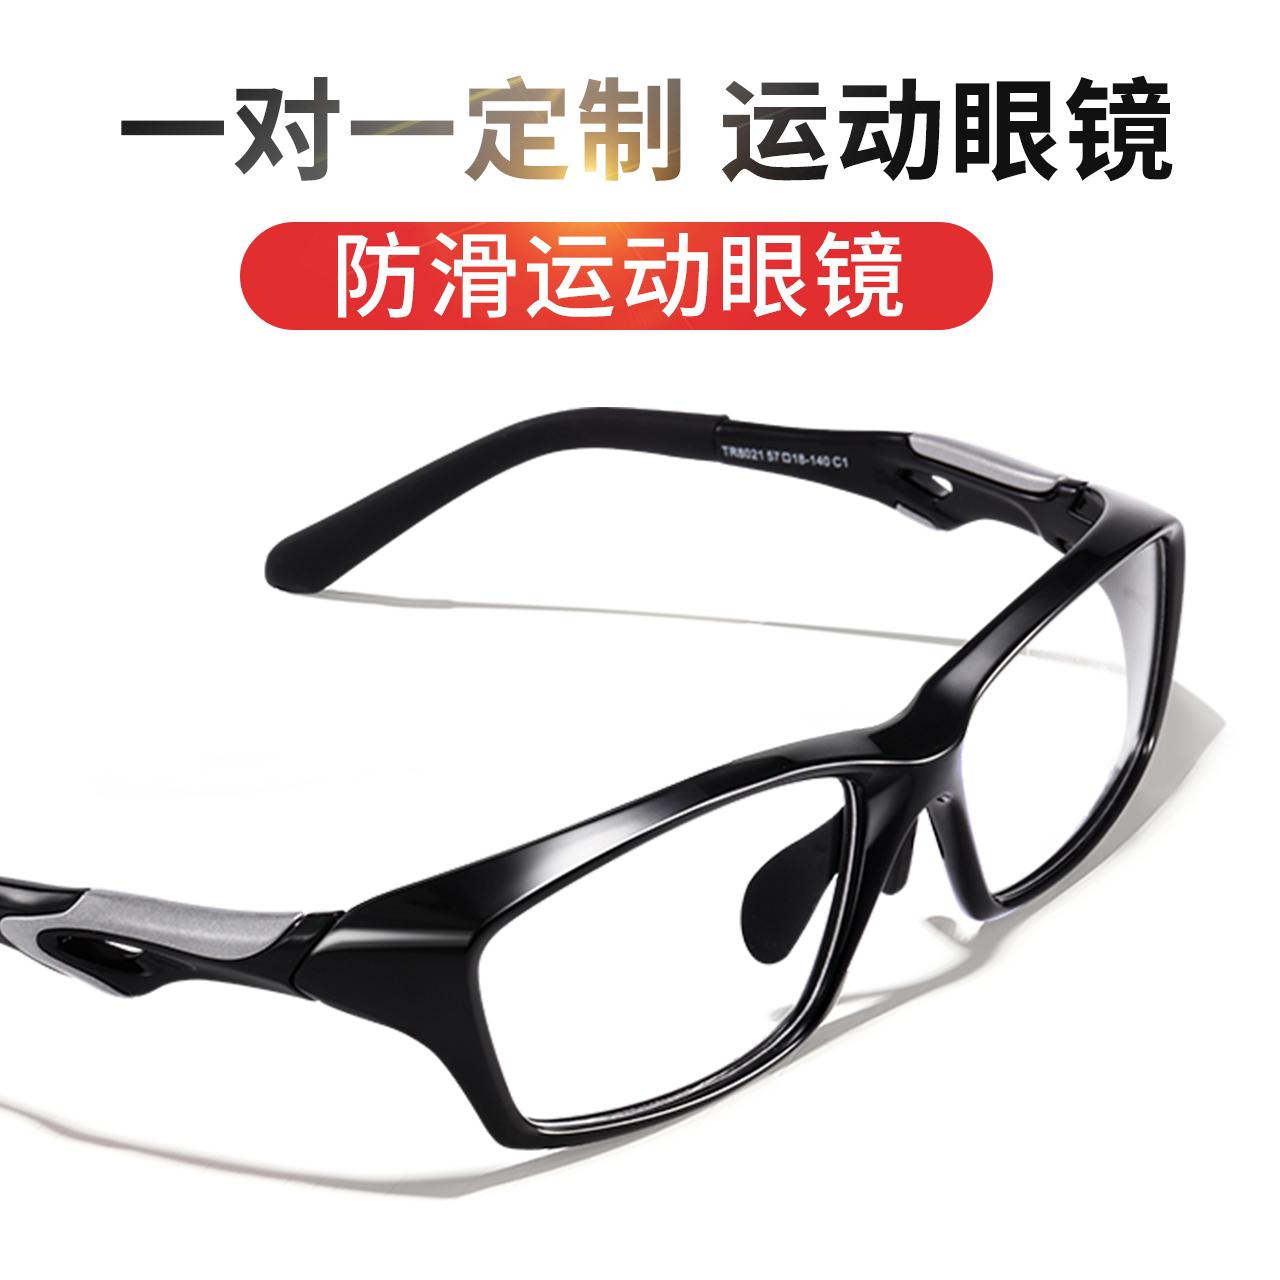 运动近视眼镜男打篮球眼睛超轻足球护目镜可配镜片TR90眼镜框女架